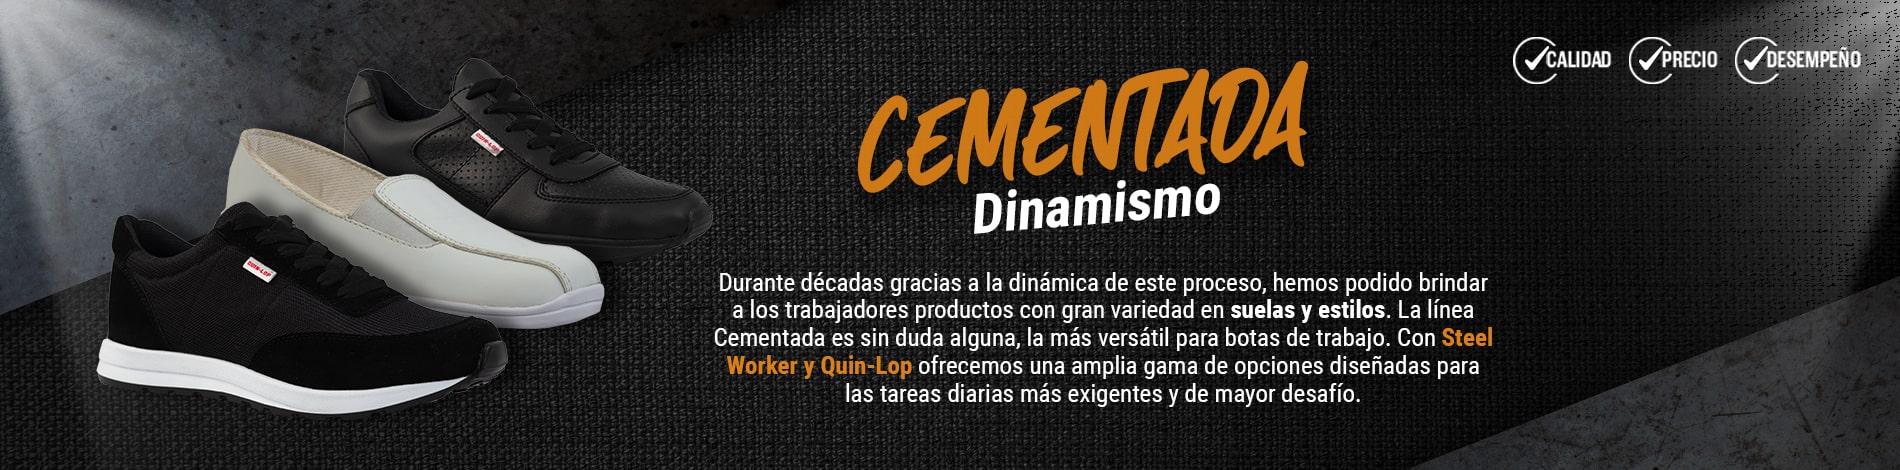 banner cement